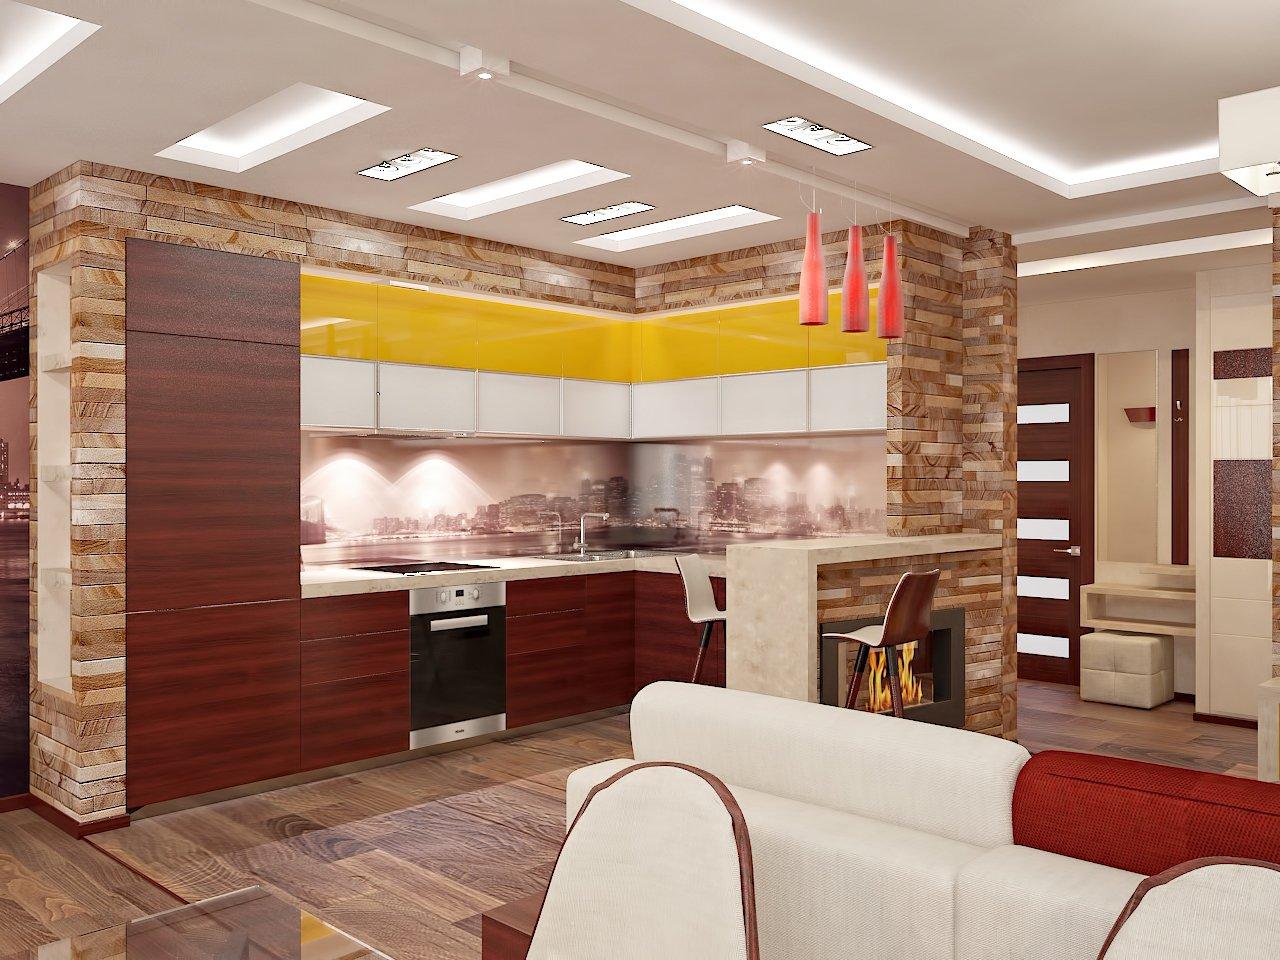 Дизайн кухни в частном доме фото Киев.